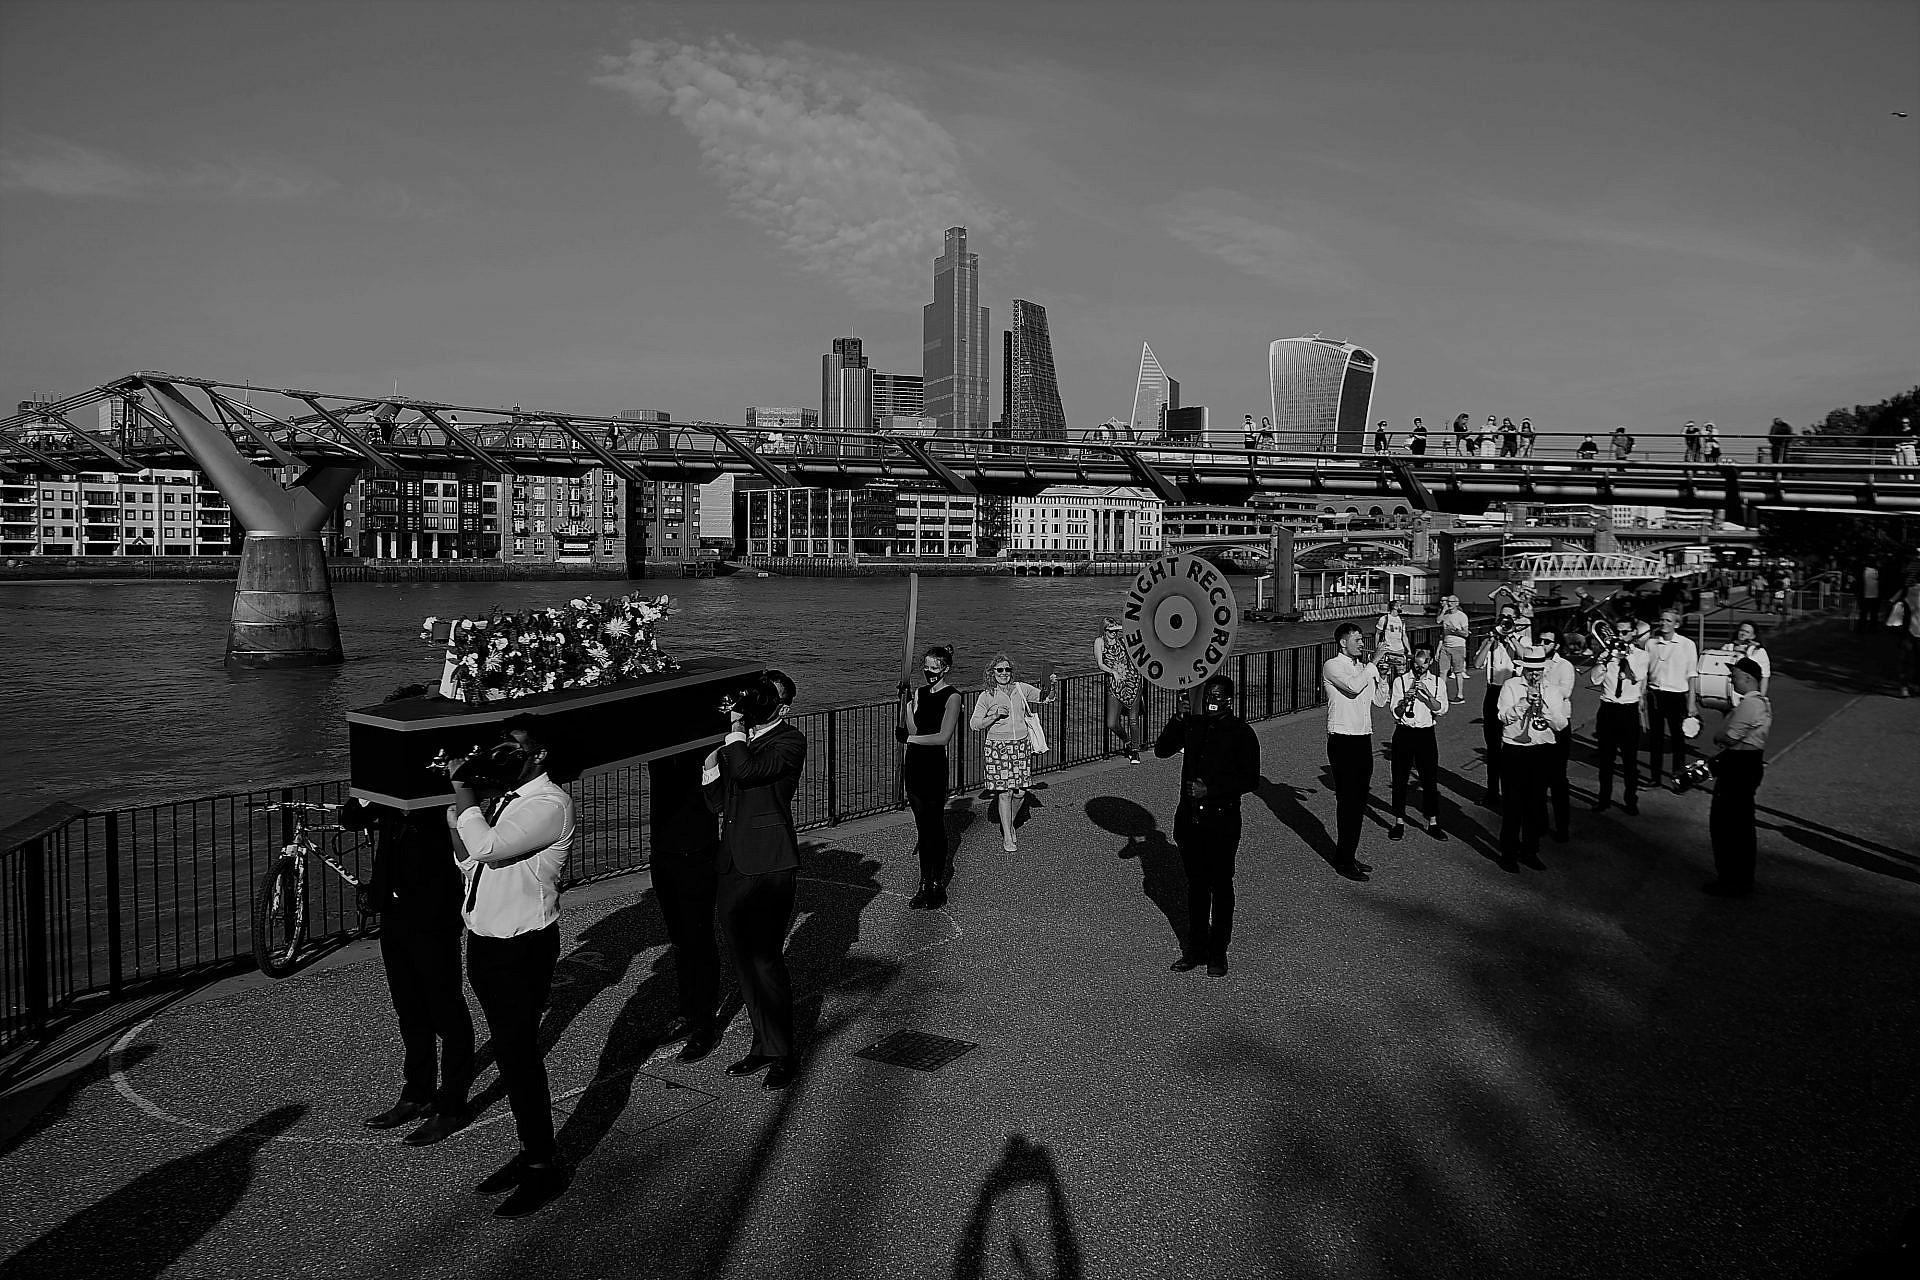 עולם בלי הופעות חיות. מסע הלוויה מחאתי למוזיקה חיה בלונדון, אוגוסט 2020 (צילום: גטי אימג'ס)